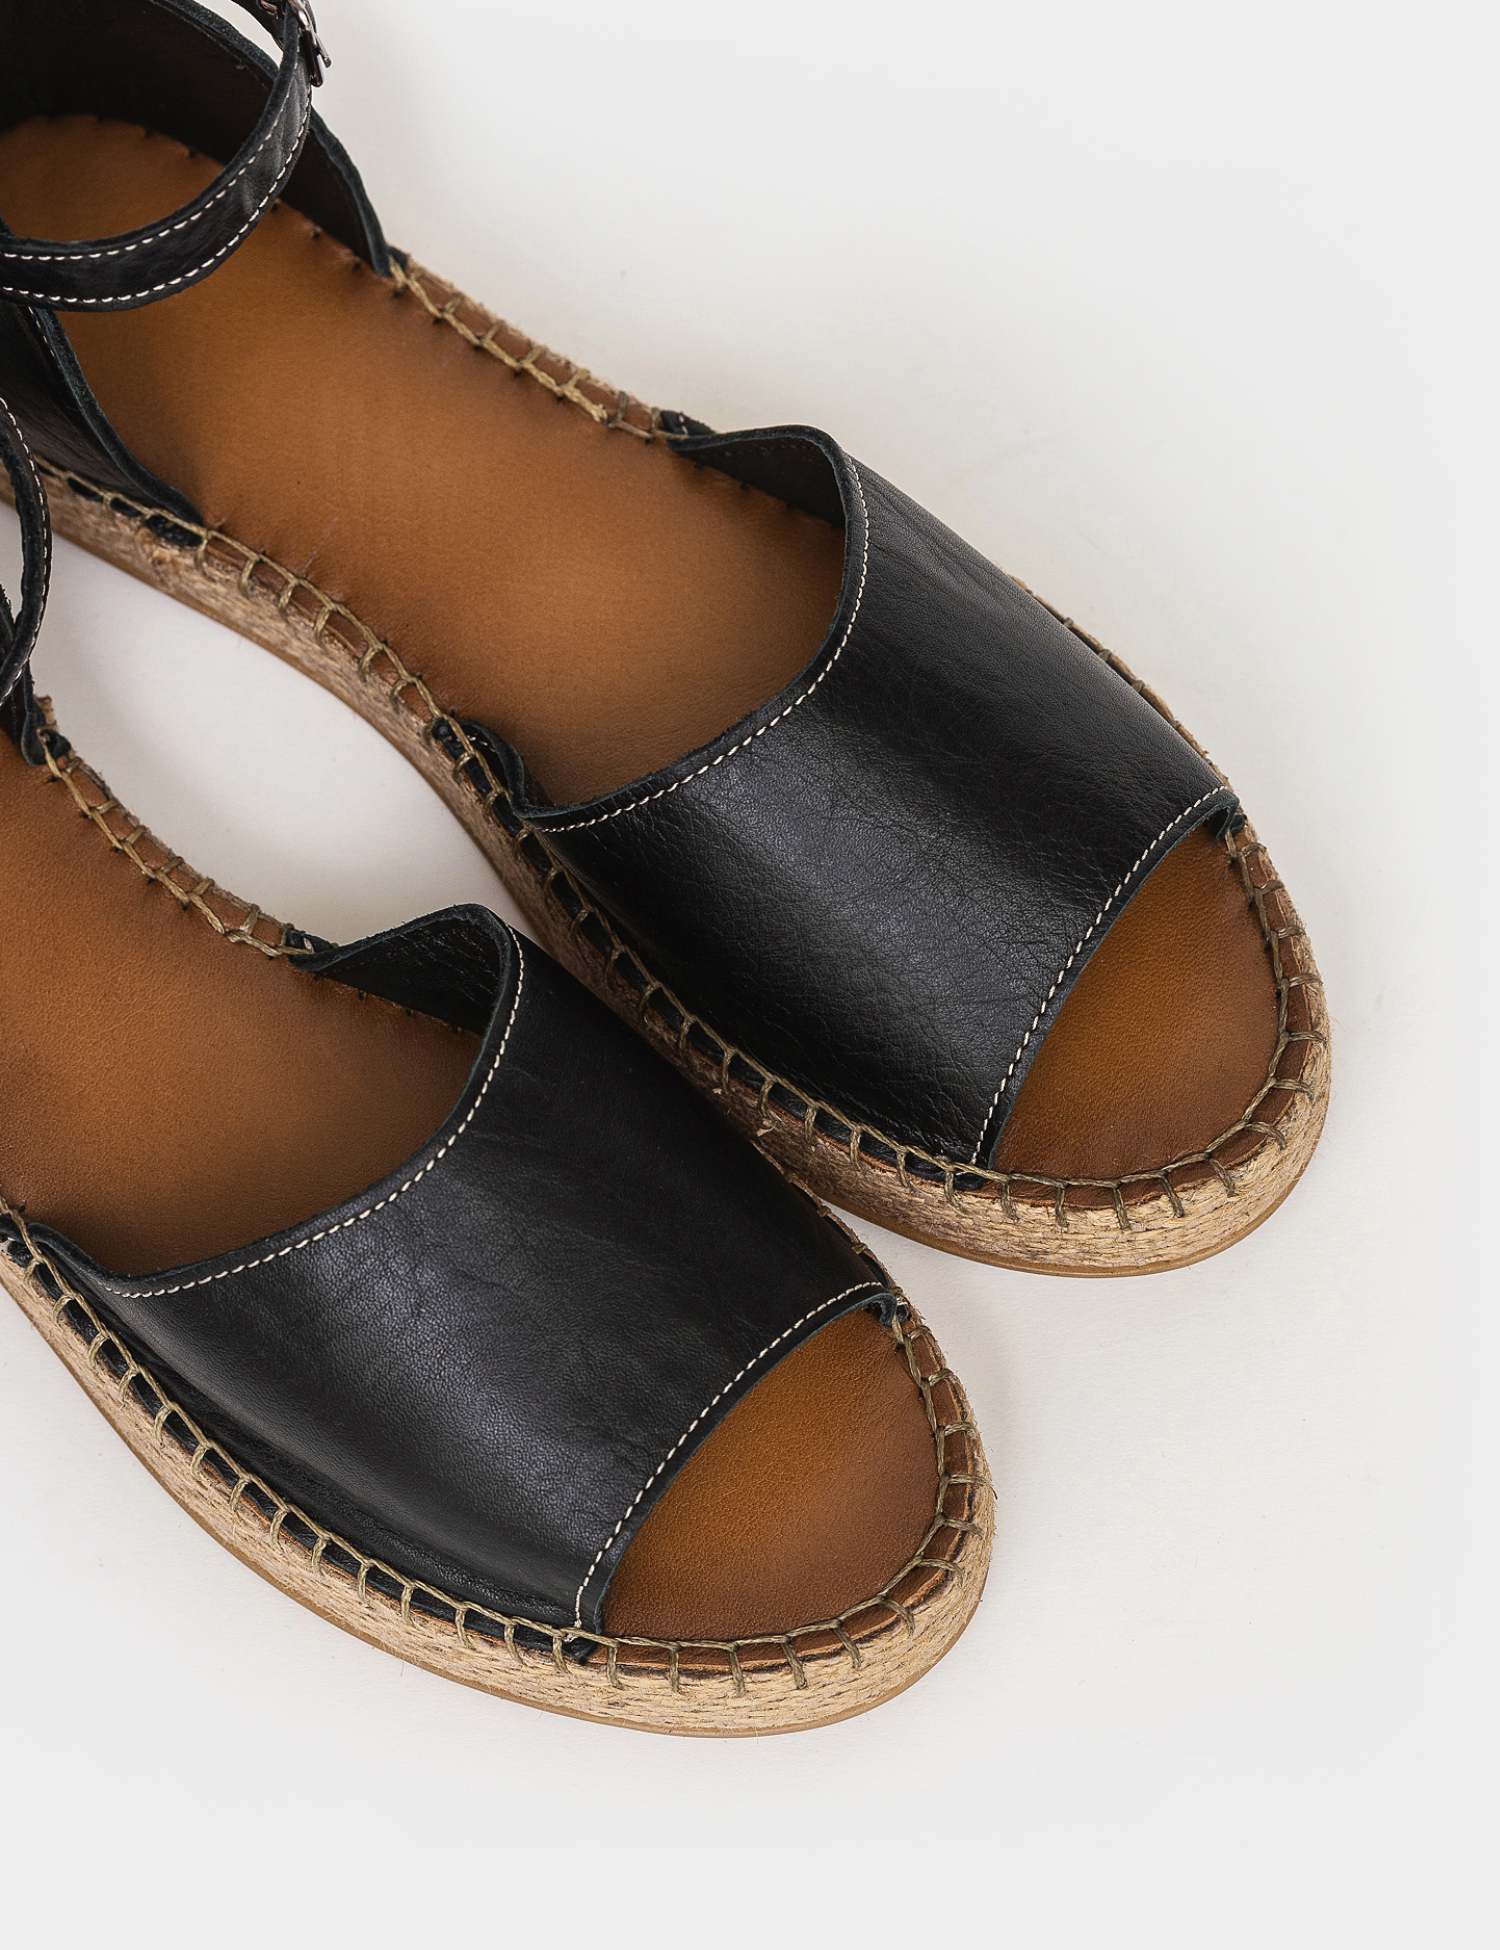 Сандалі  для жінок Сандали 609chr черная кожа 609chr модне взуття, 2017